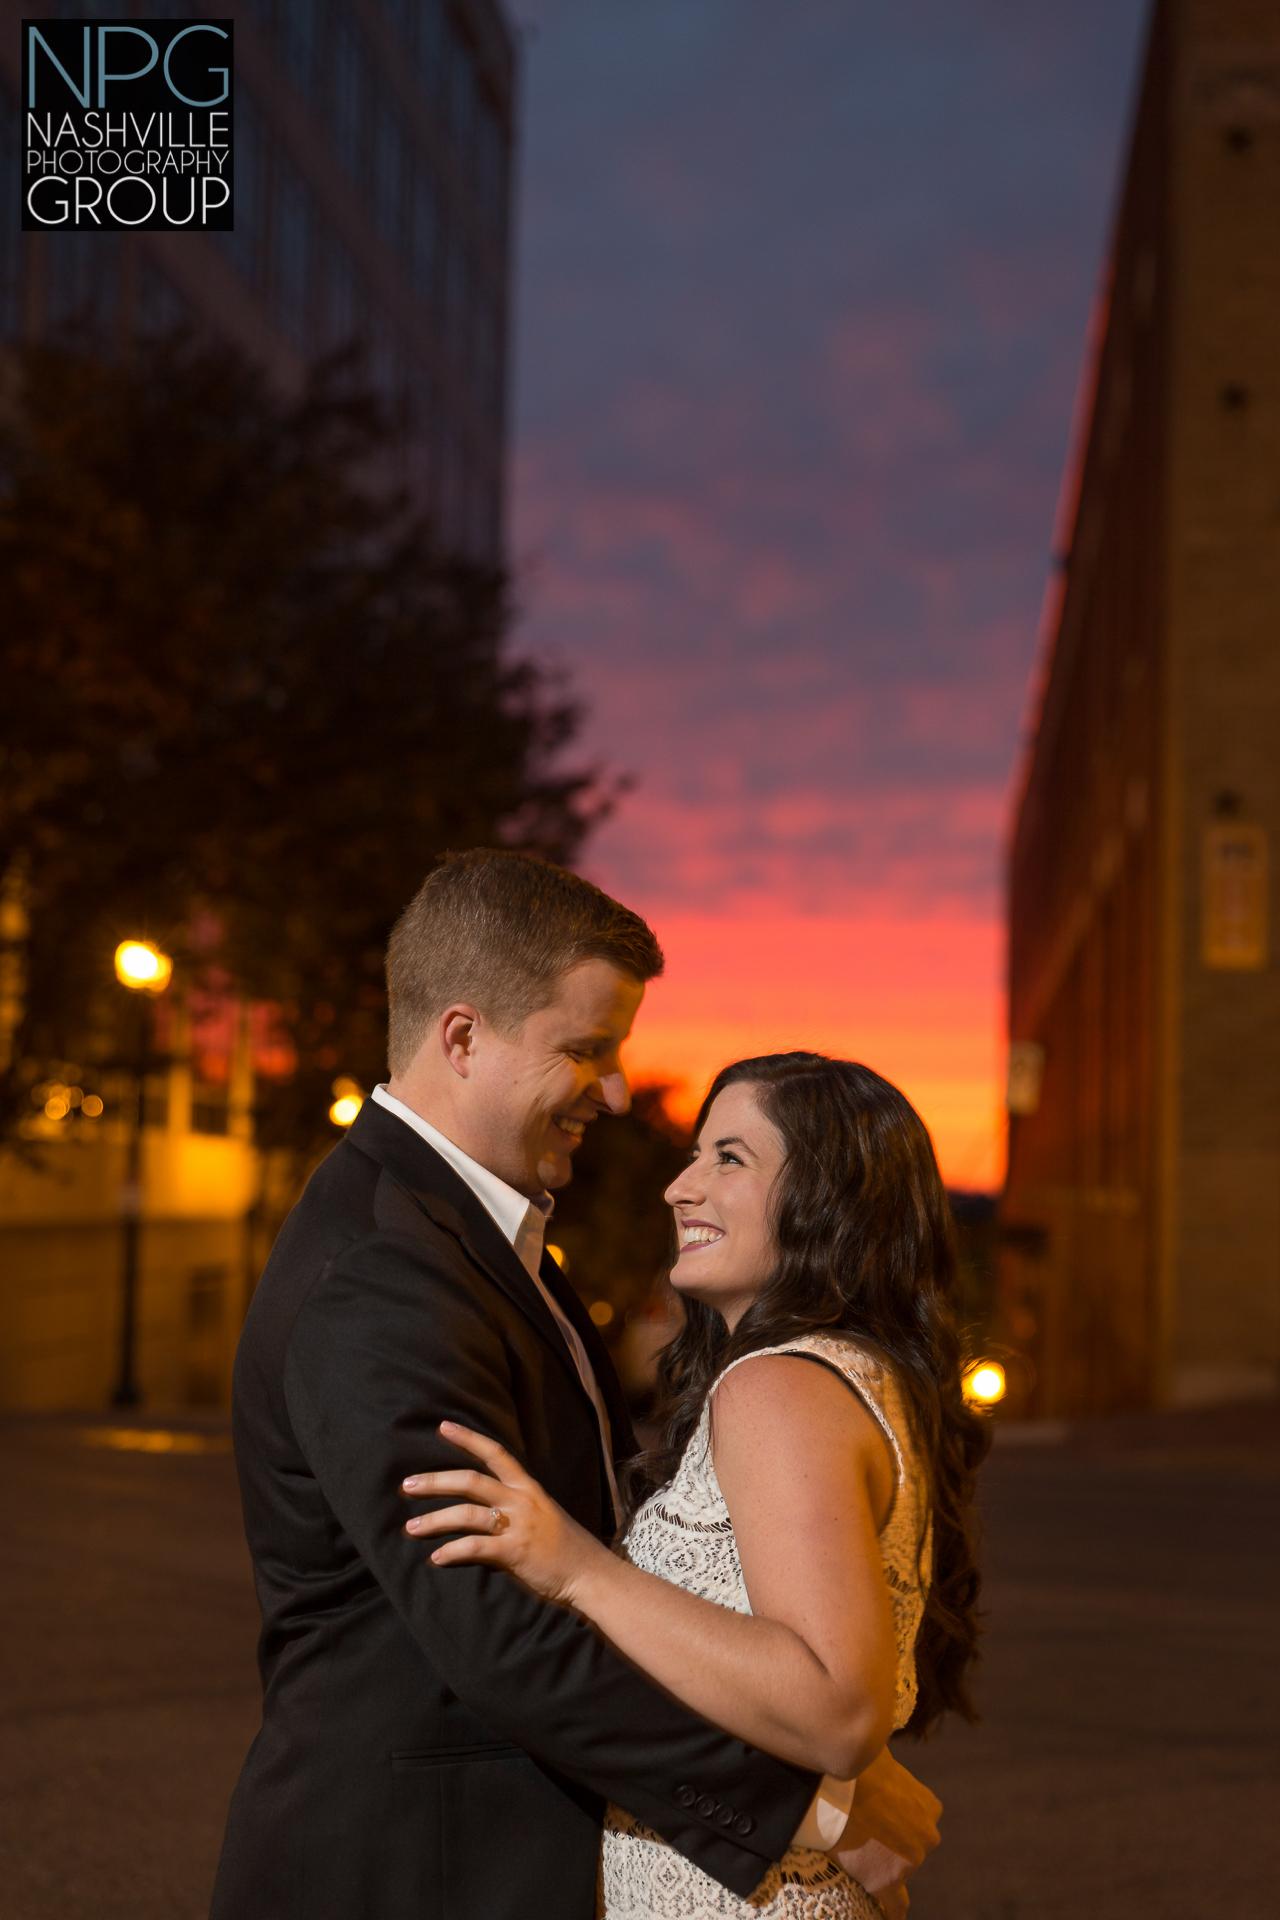 memphis engagement photographers Nashville Photography Group